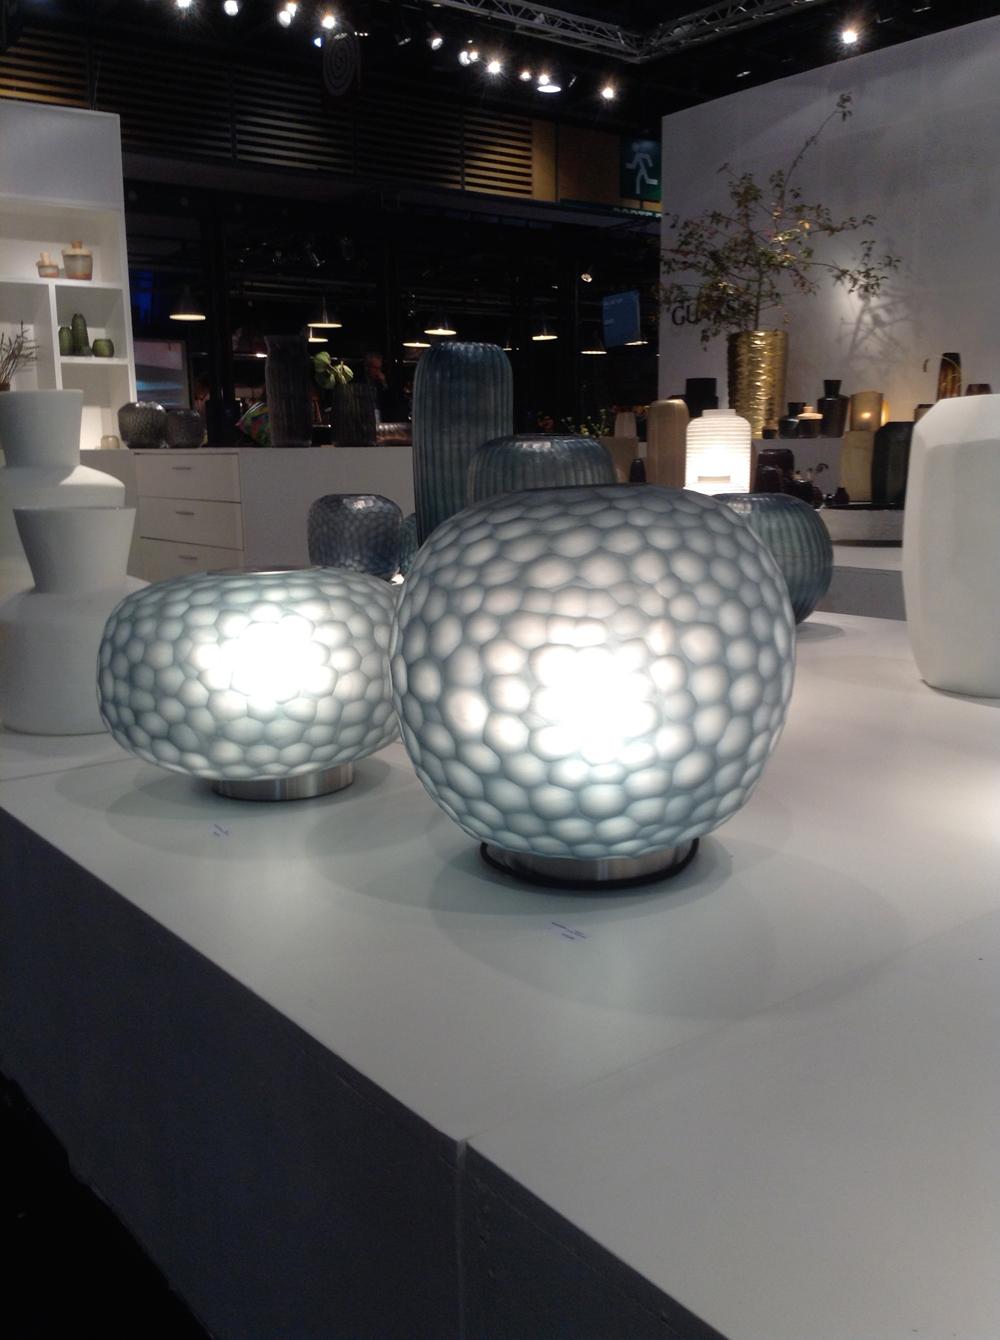 Guax lights